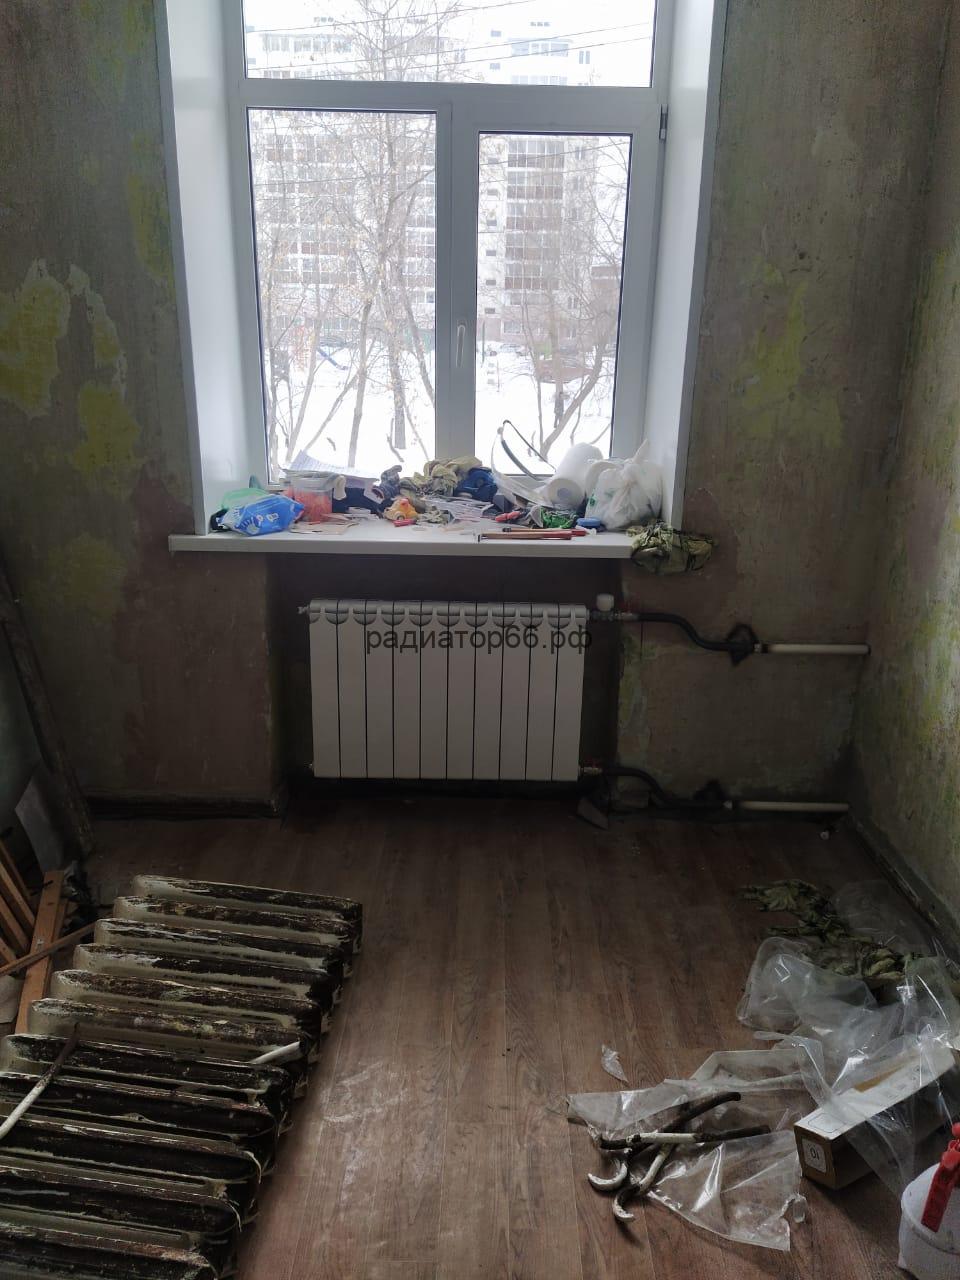 Срочная замена старых батарей в Екатеринбурге